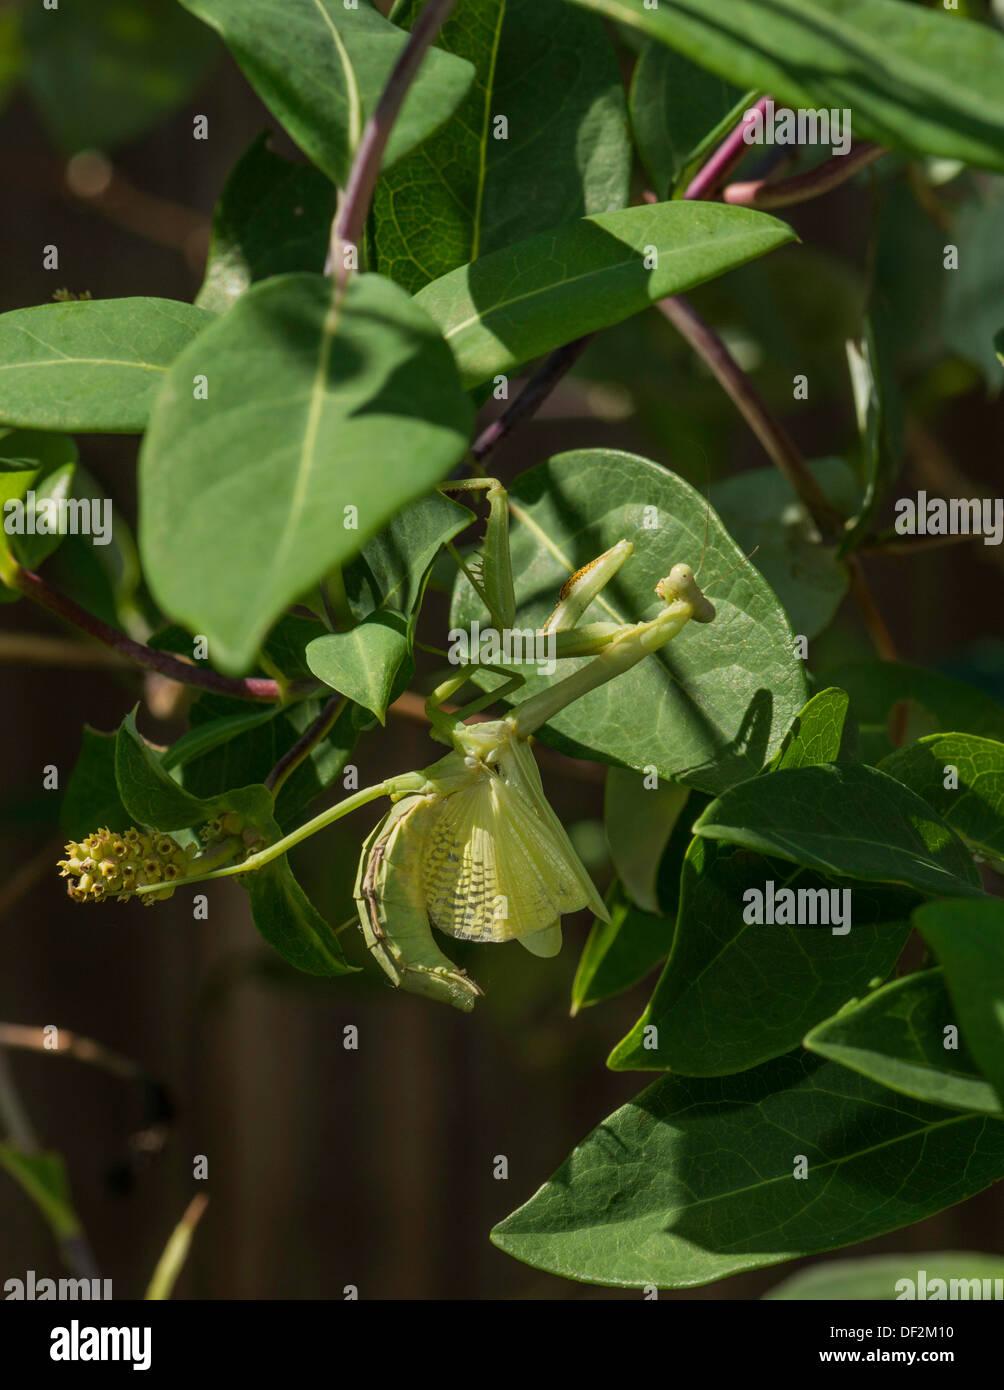 Eine grüne Gottesanbeterin, Mantodea, klammert sich an einer Anlage, während seine Flügel, die es tut, wenn sie bedroht werden. Oklahoma, USA. Stockbild